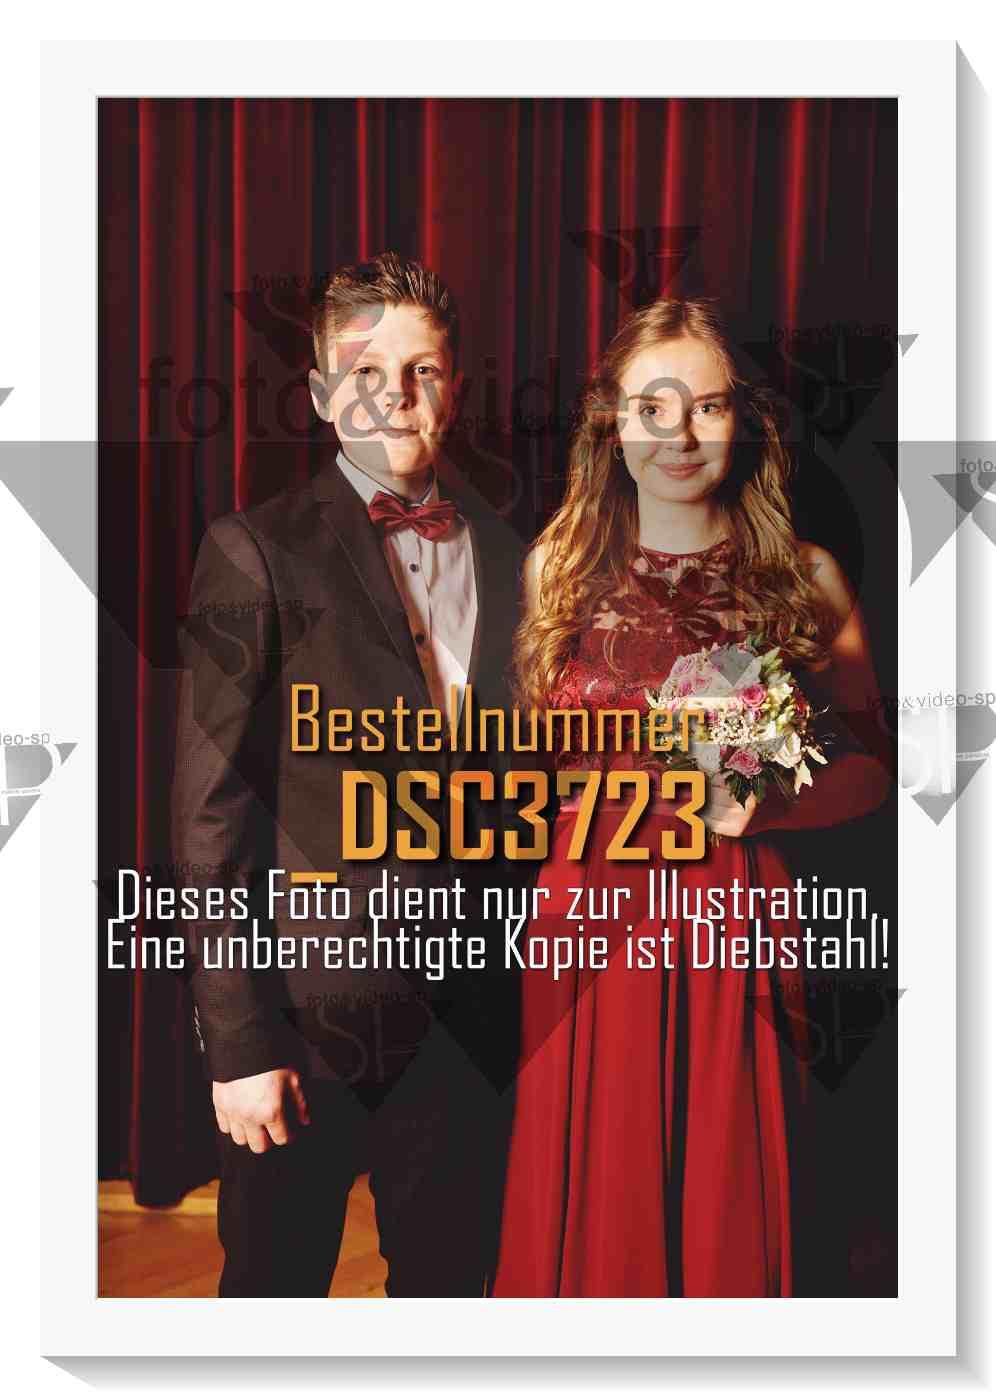 DSC3723